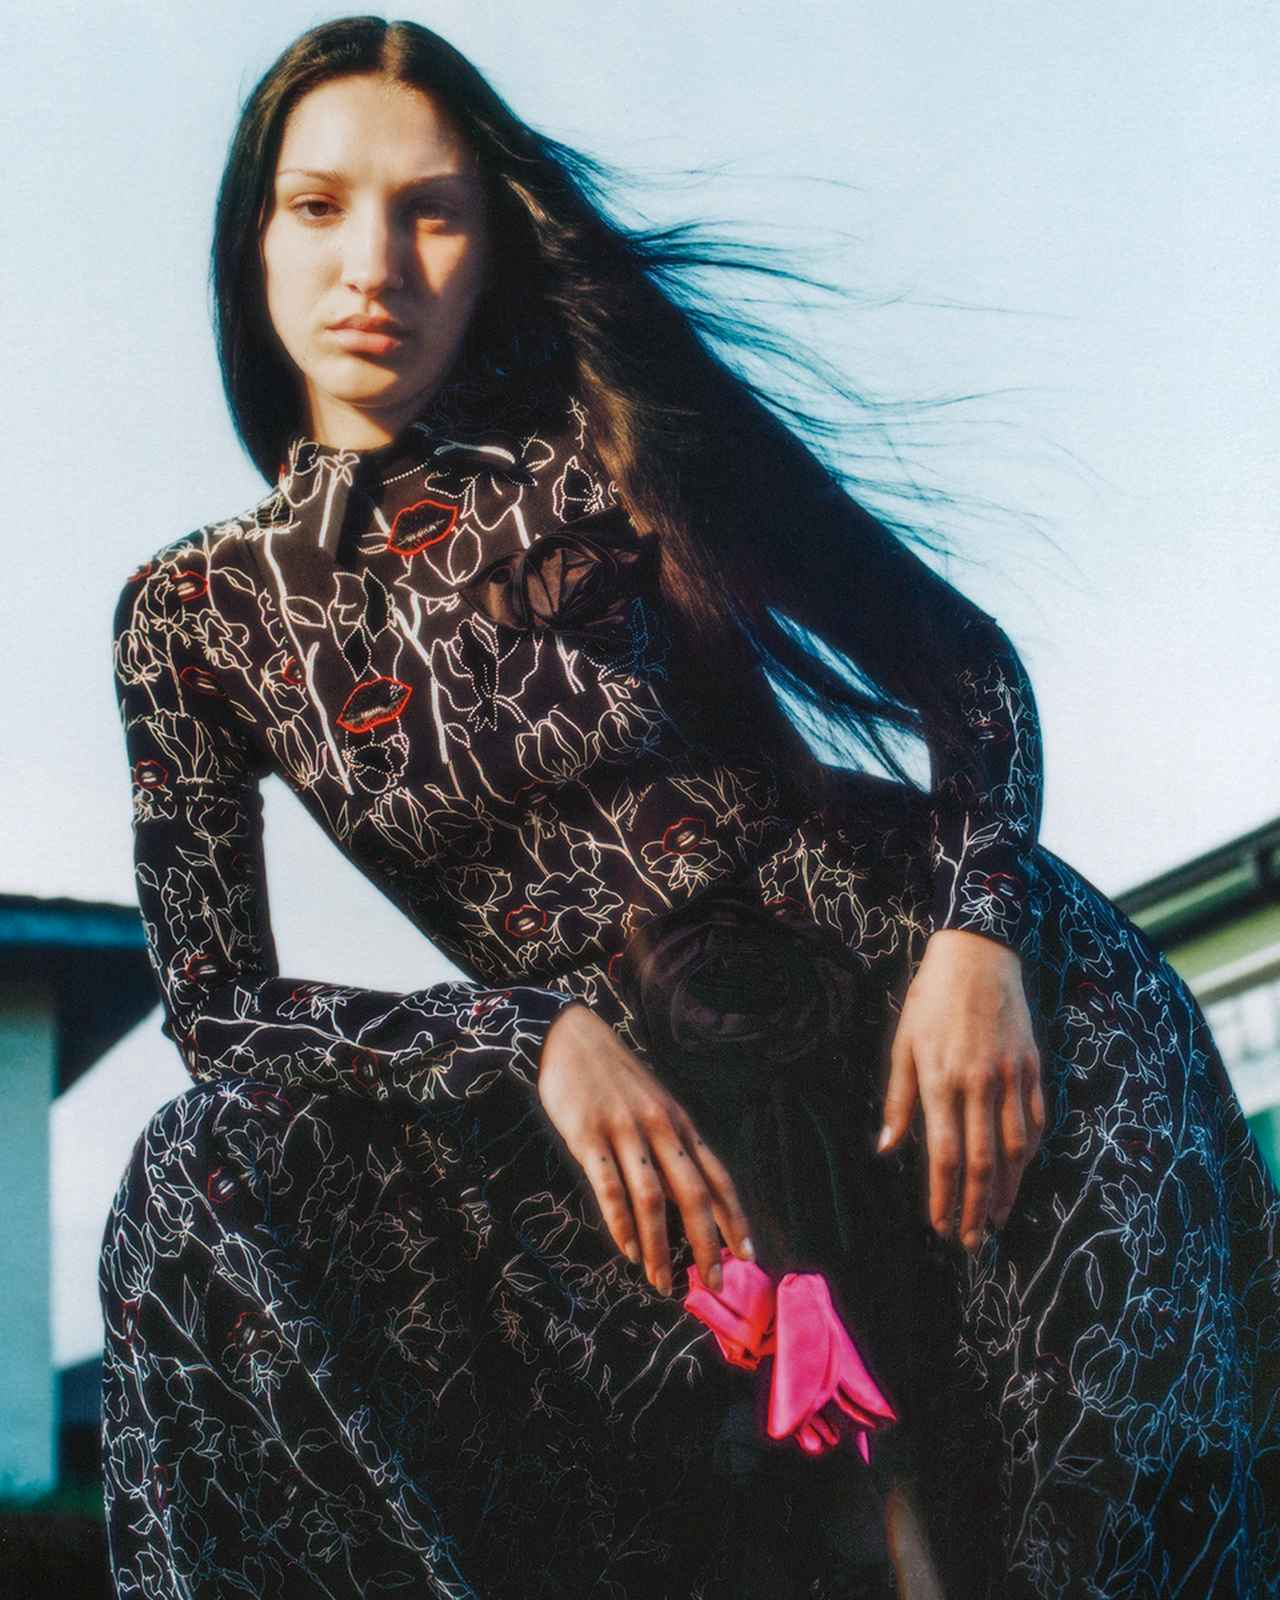 Images : 4番目の画像 - 「花柄とレザーで誘う 秋のダーク・ロマンス」のアルバム - T JAPAN:The New York Times Style Magazine 公式サイト